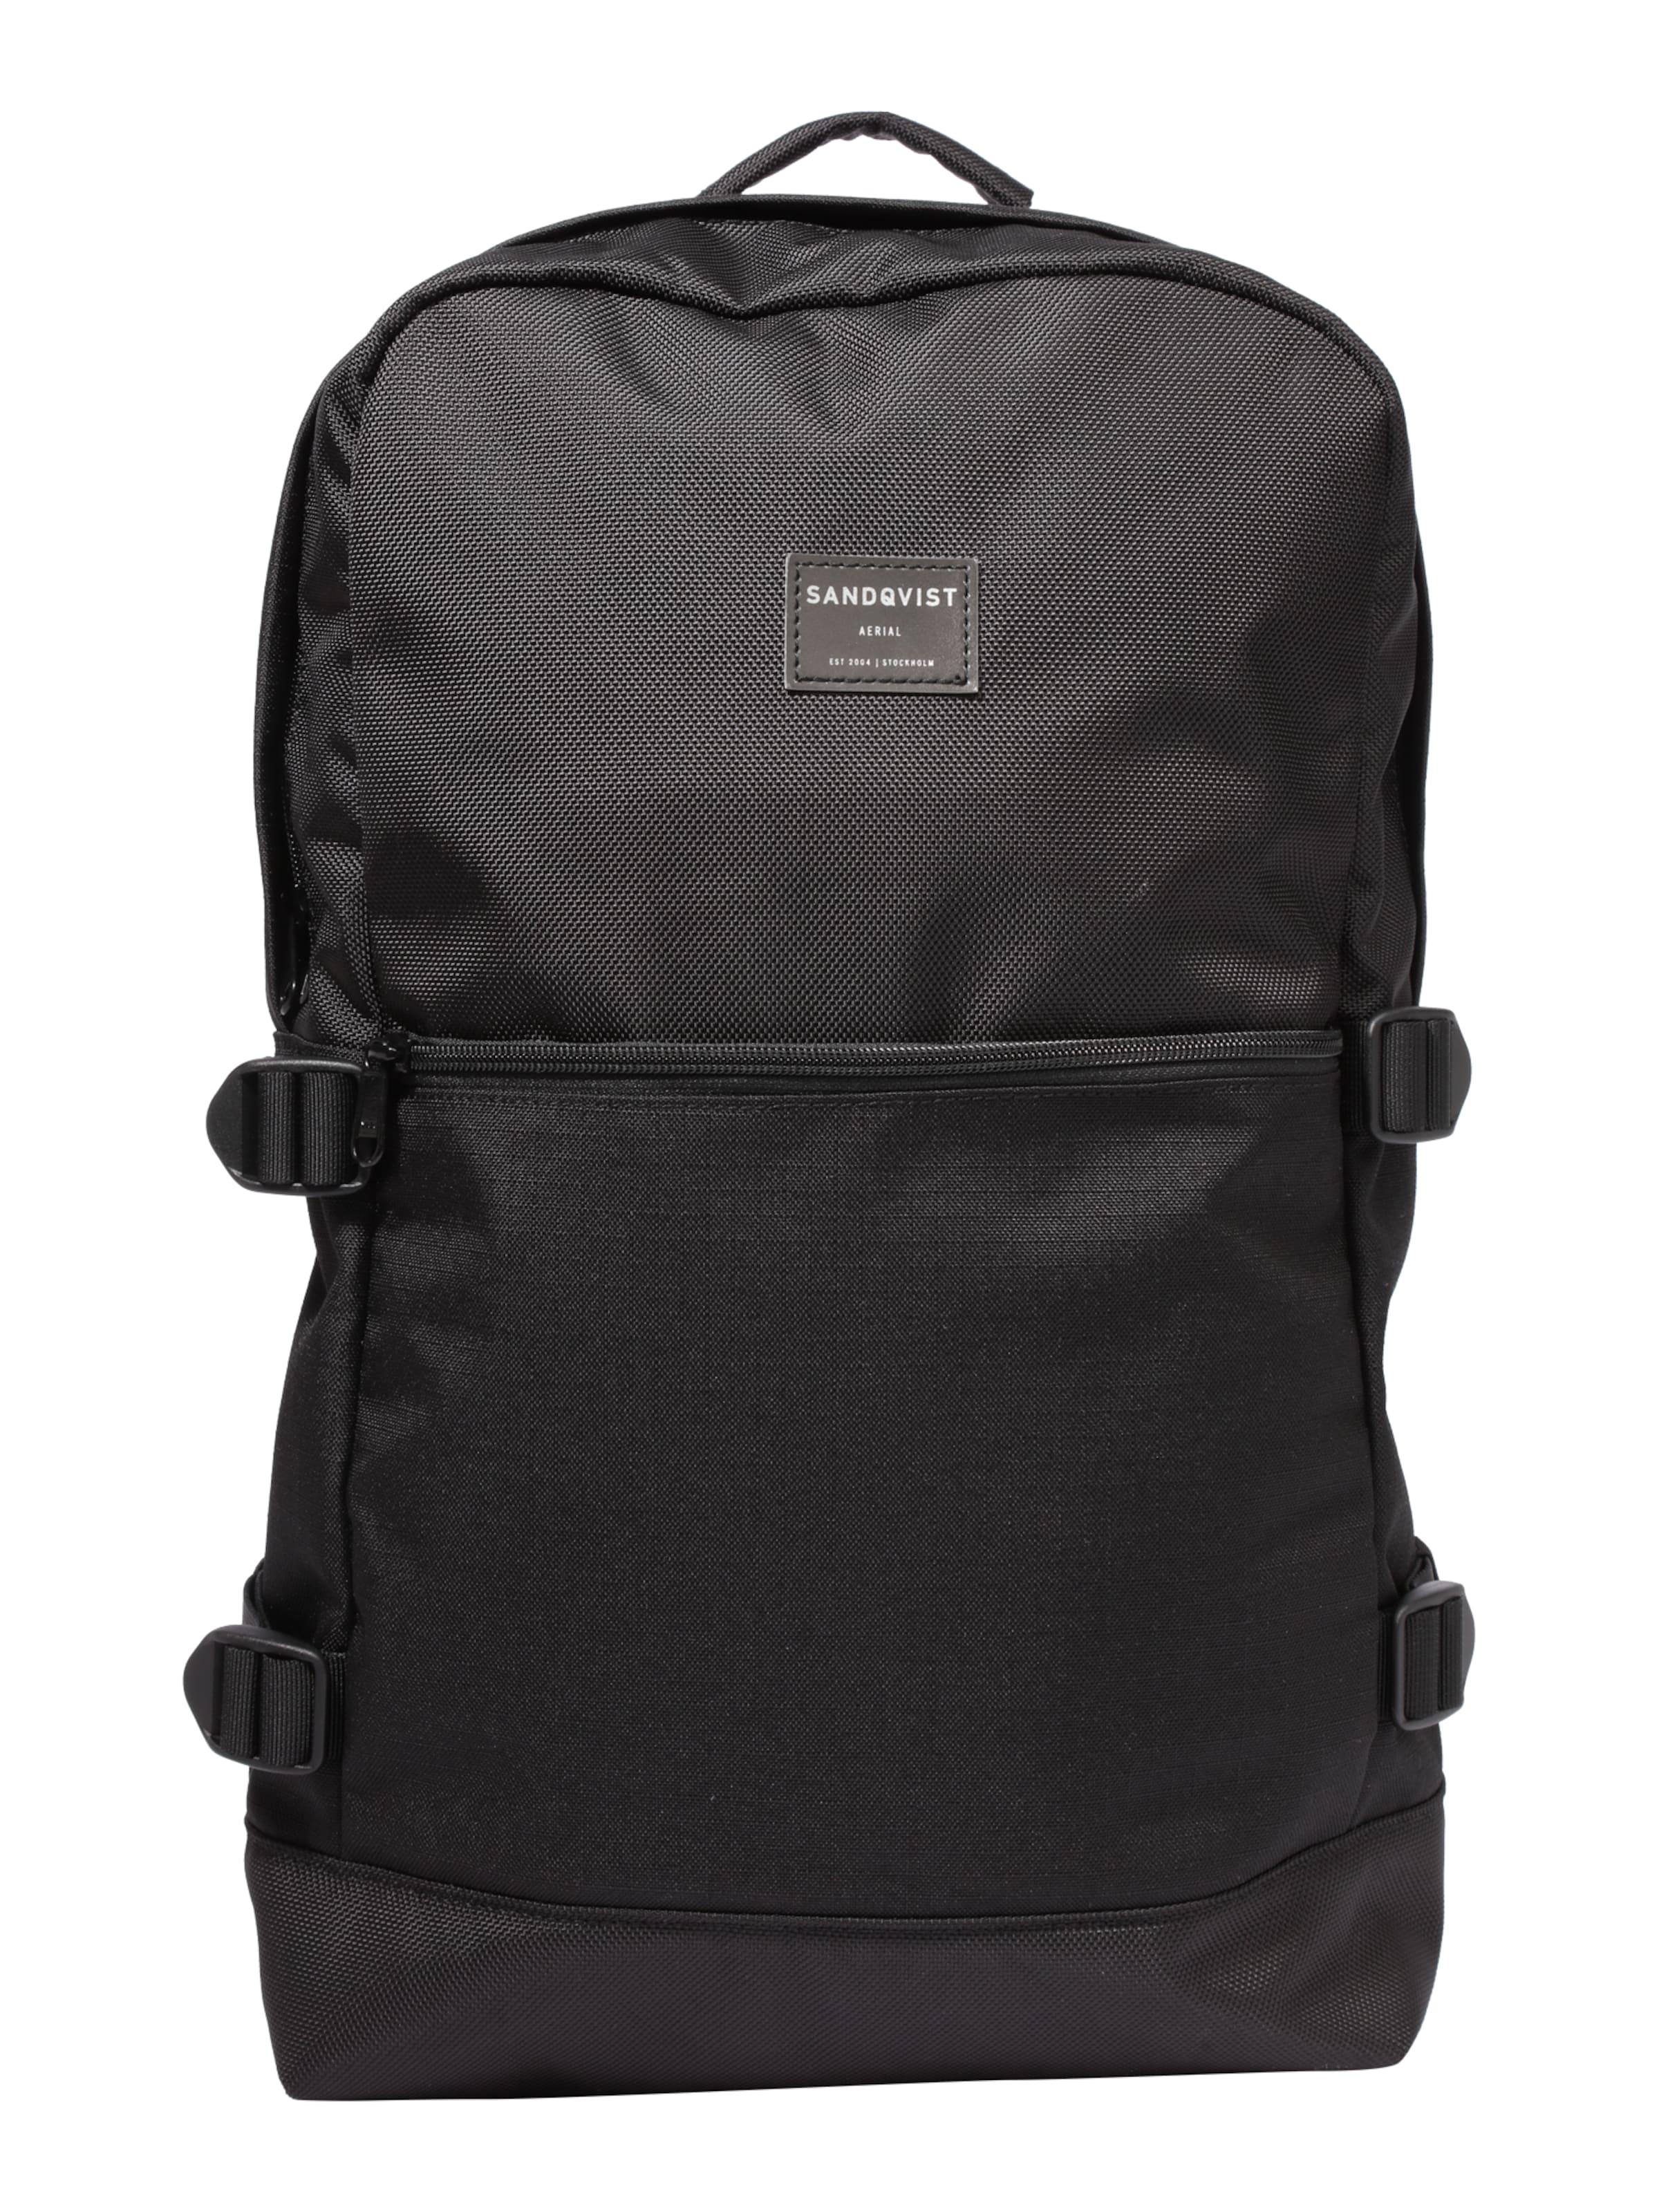 Billig Perfekt Mode Online-Verkauf SANDQVIST Rucksack 'PETER' Sneakernews Verkauf Online oOeMHz5sB8